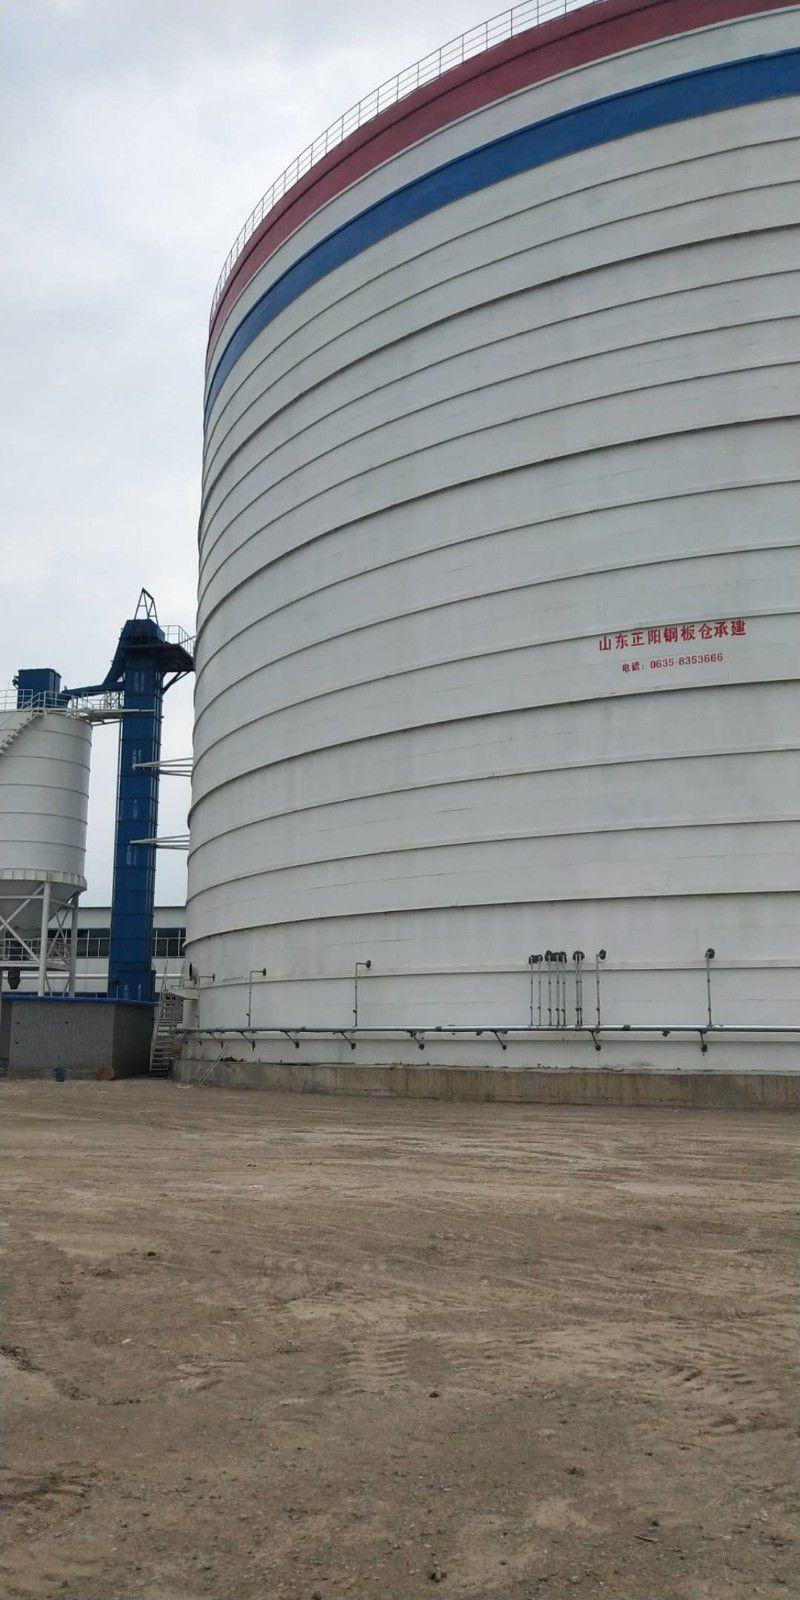 禹王台区焊接式粉煤灰钢板仓